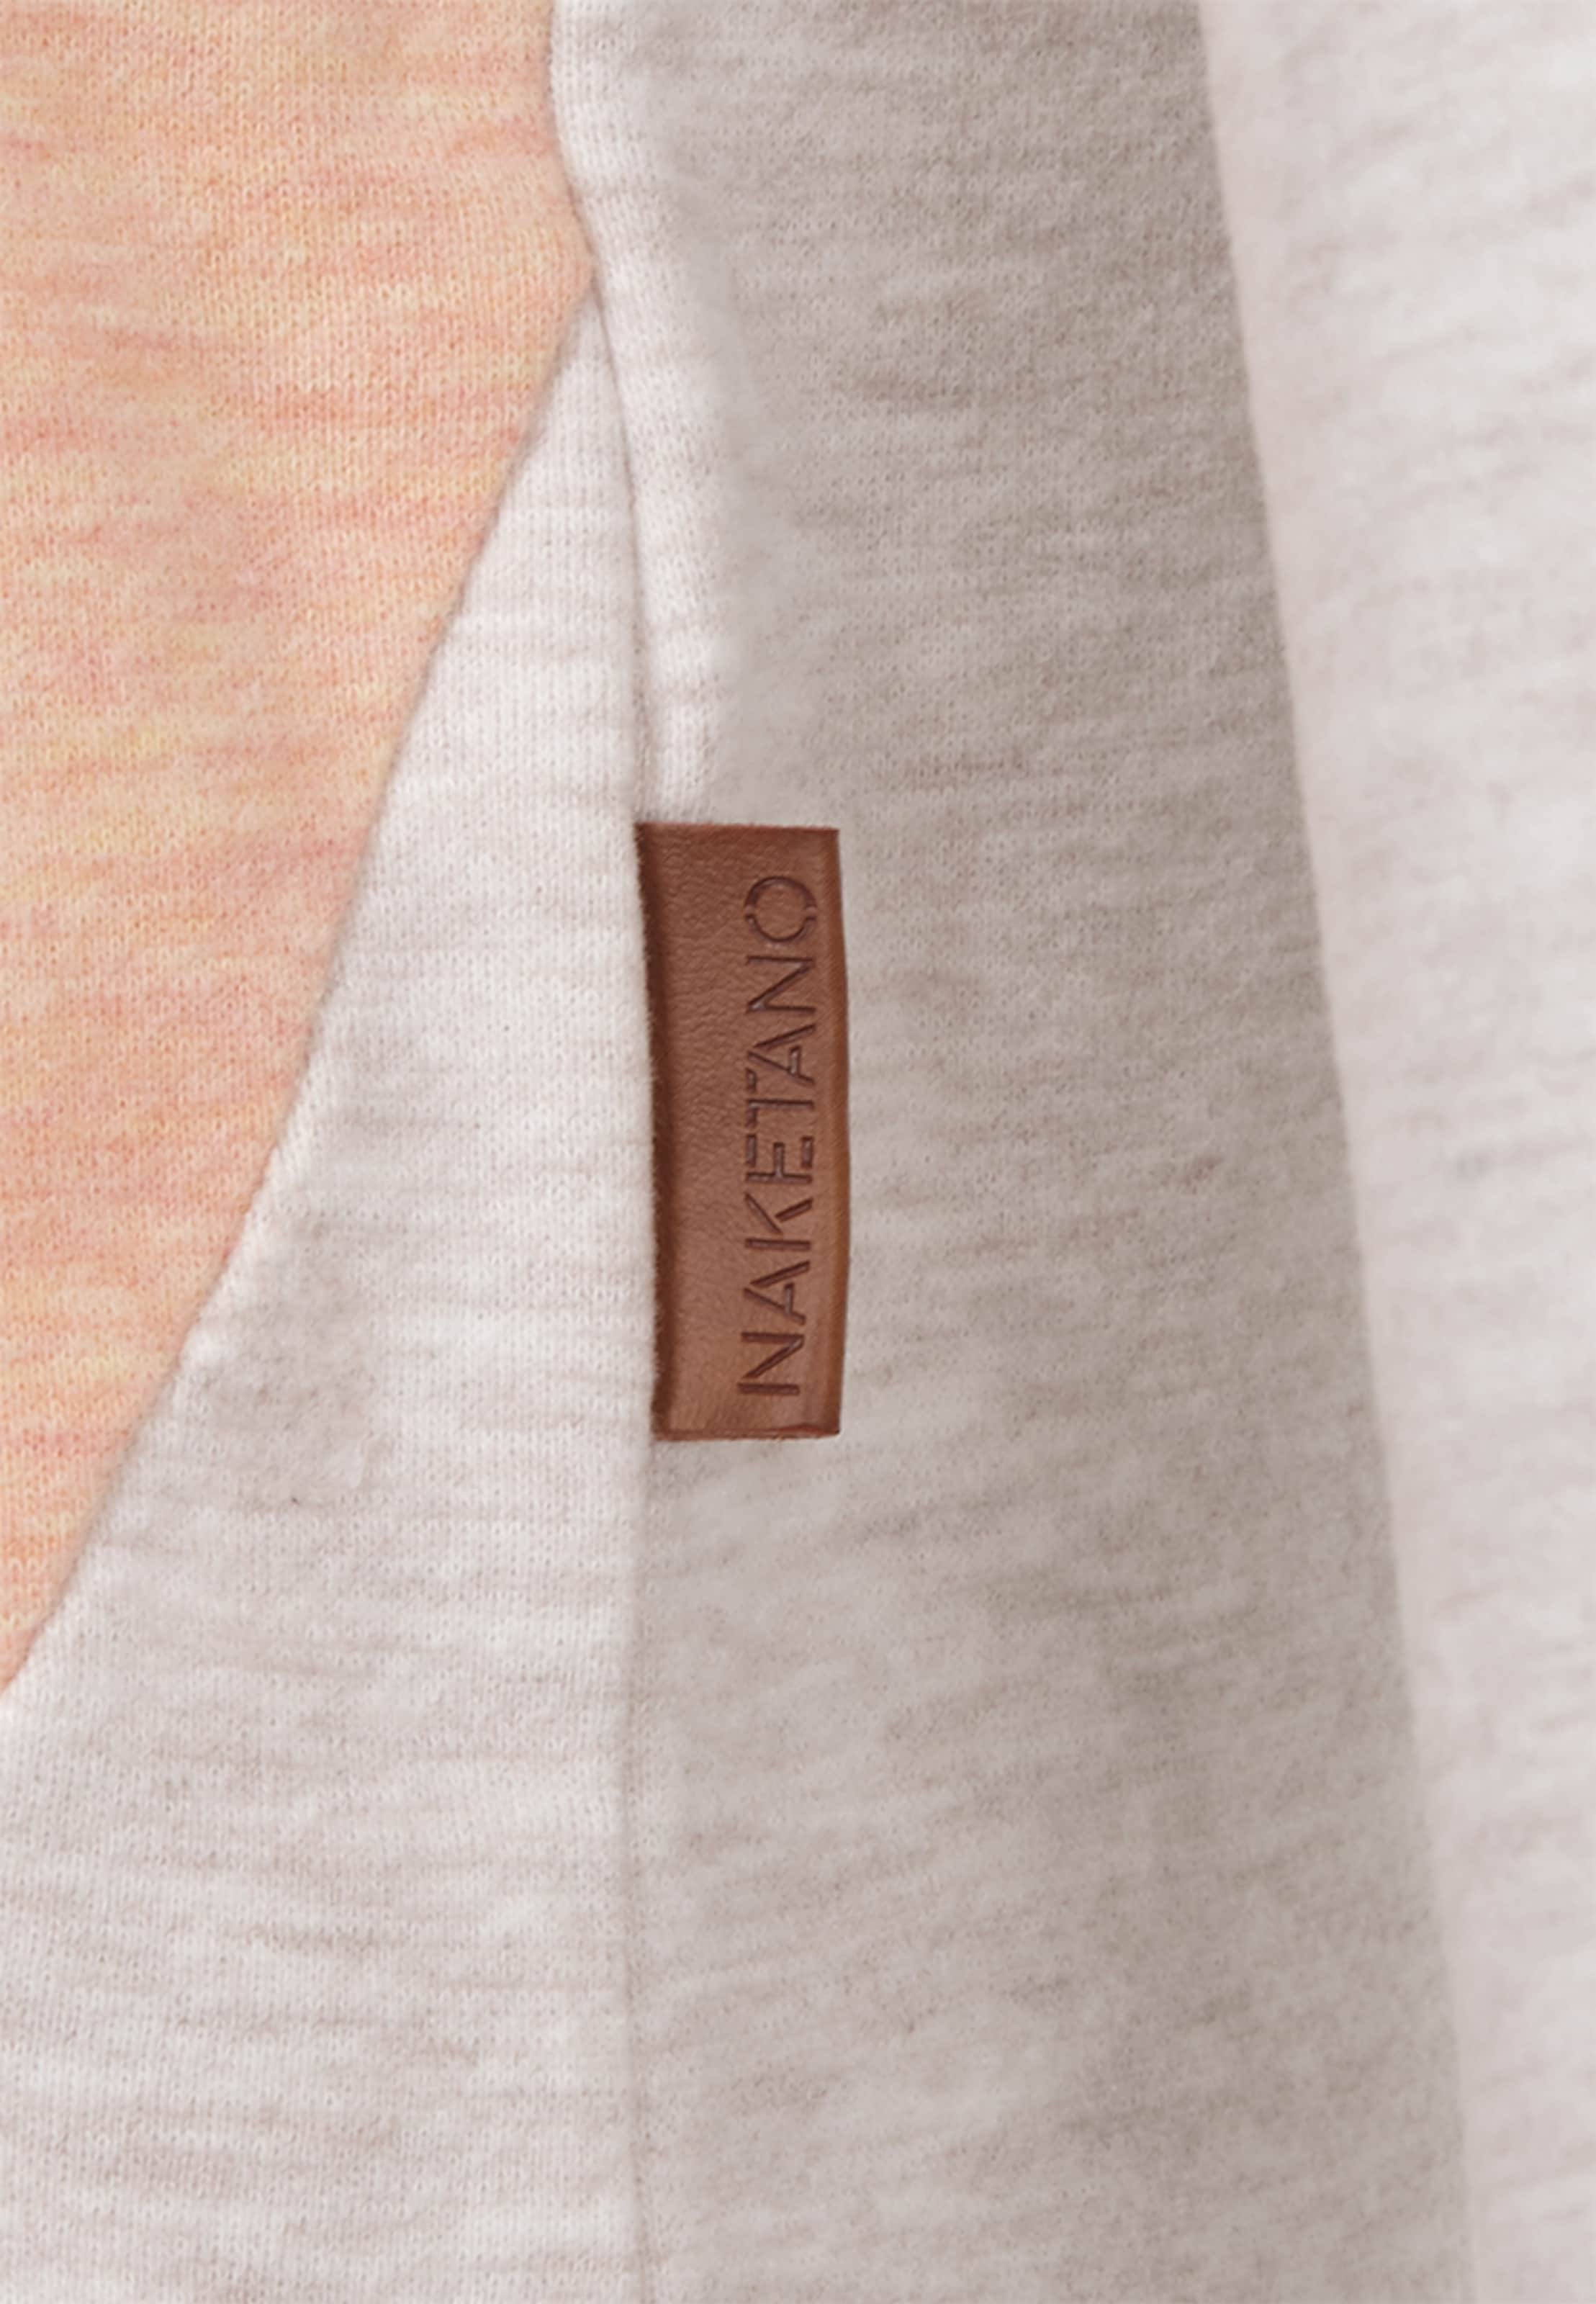 In Sweatshirt BeigeOrange Naketano Naketano Pastellorange R54jAqL3